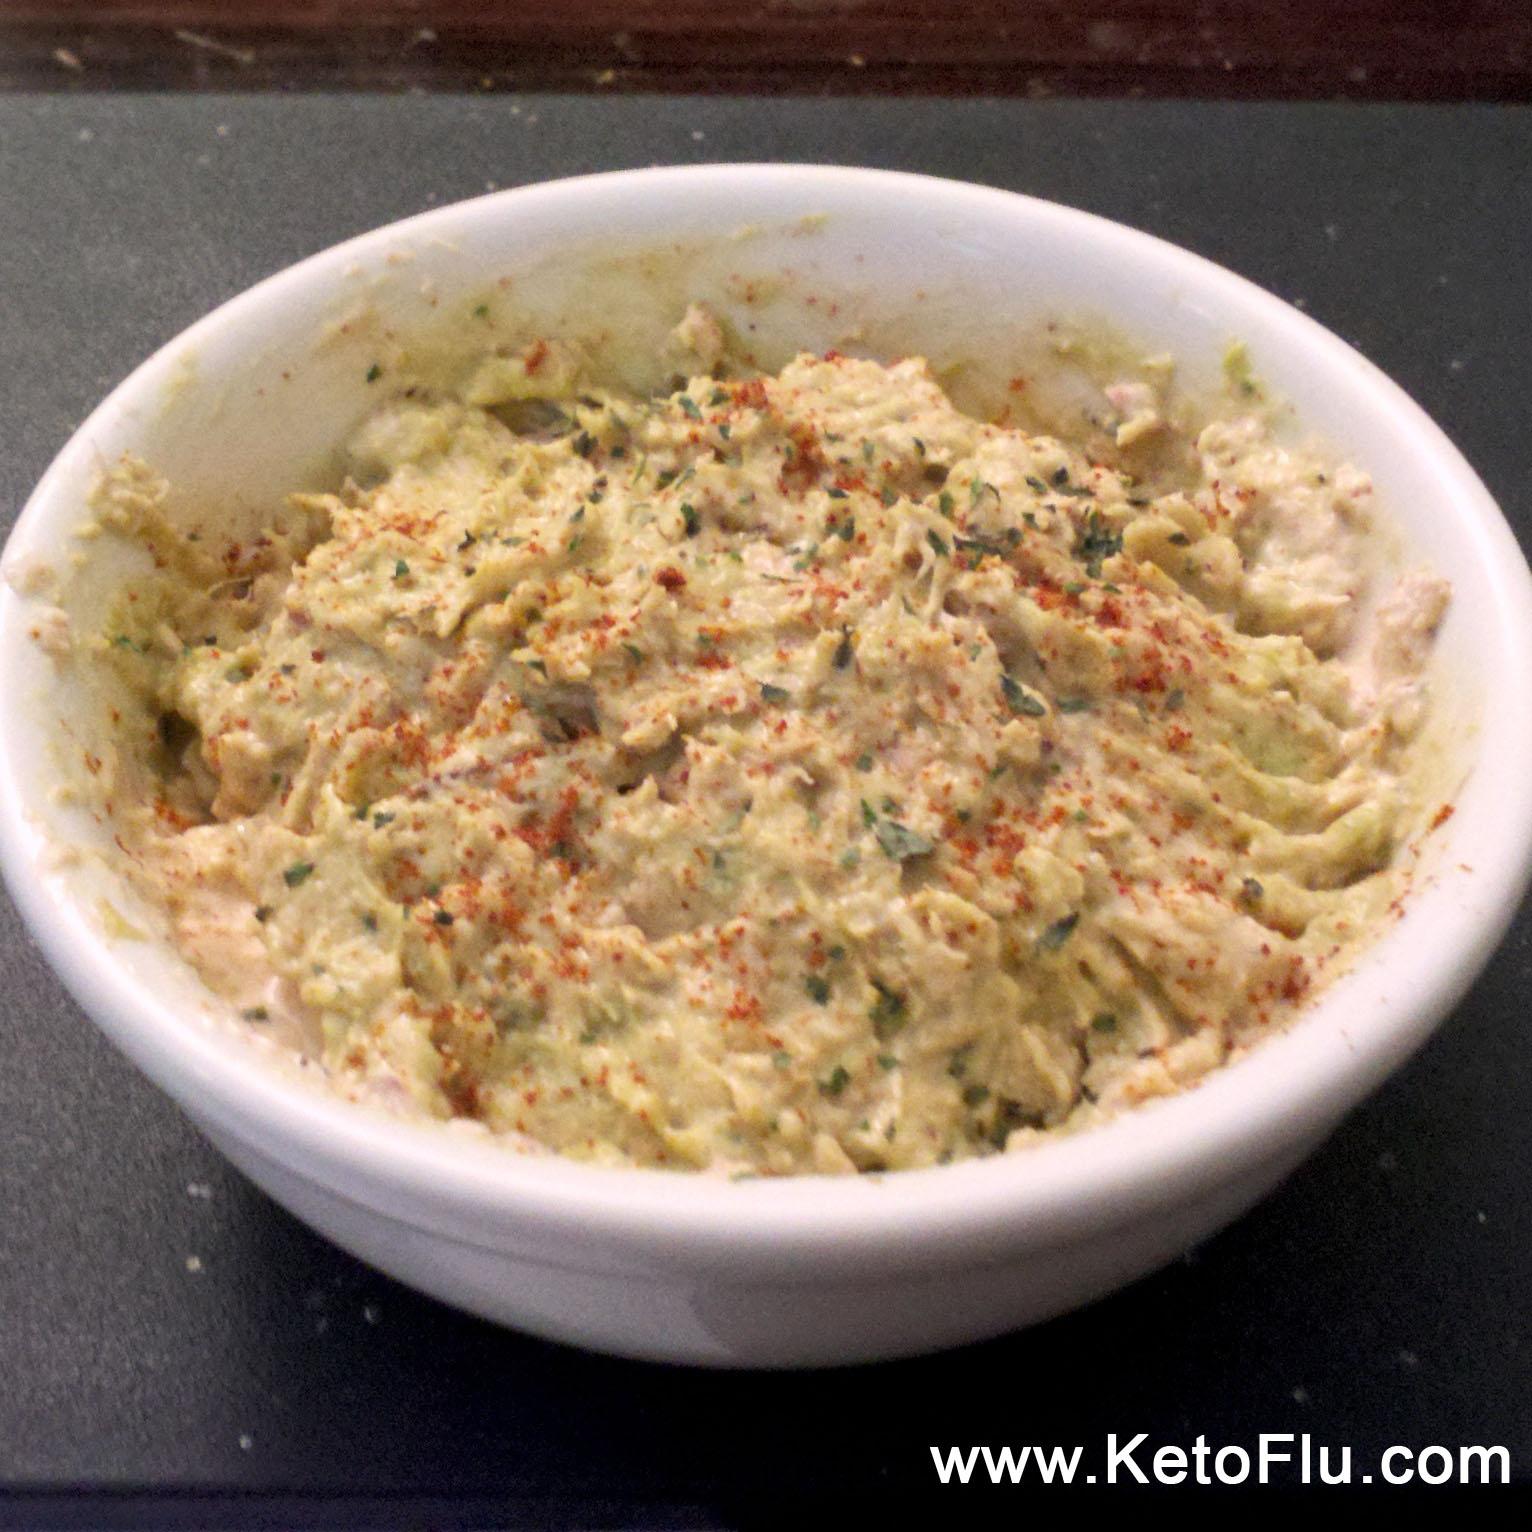 low-carb spicy guacamole tuna salad recipe - nom nom nom! | ketoflu